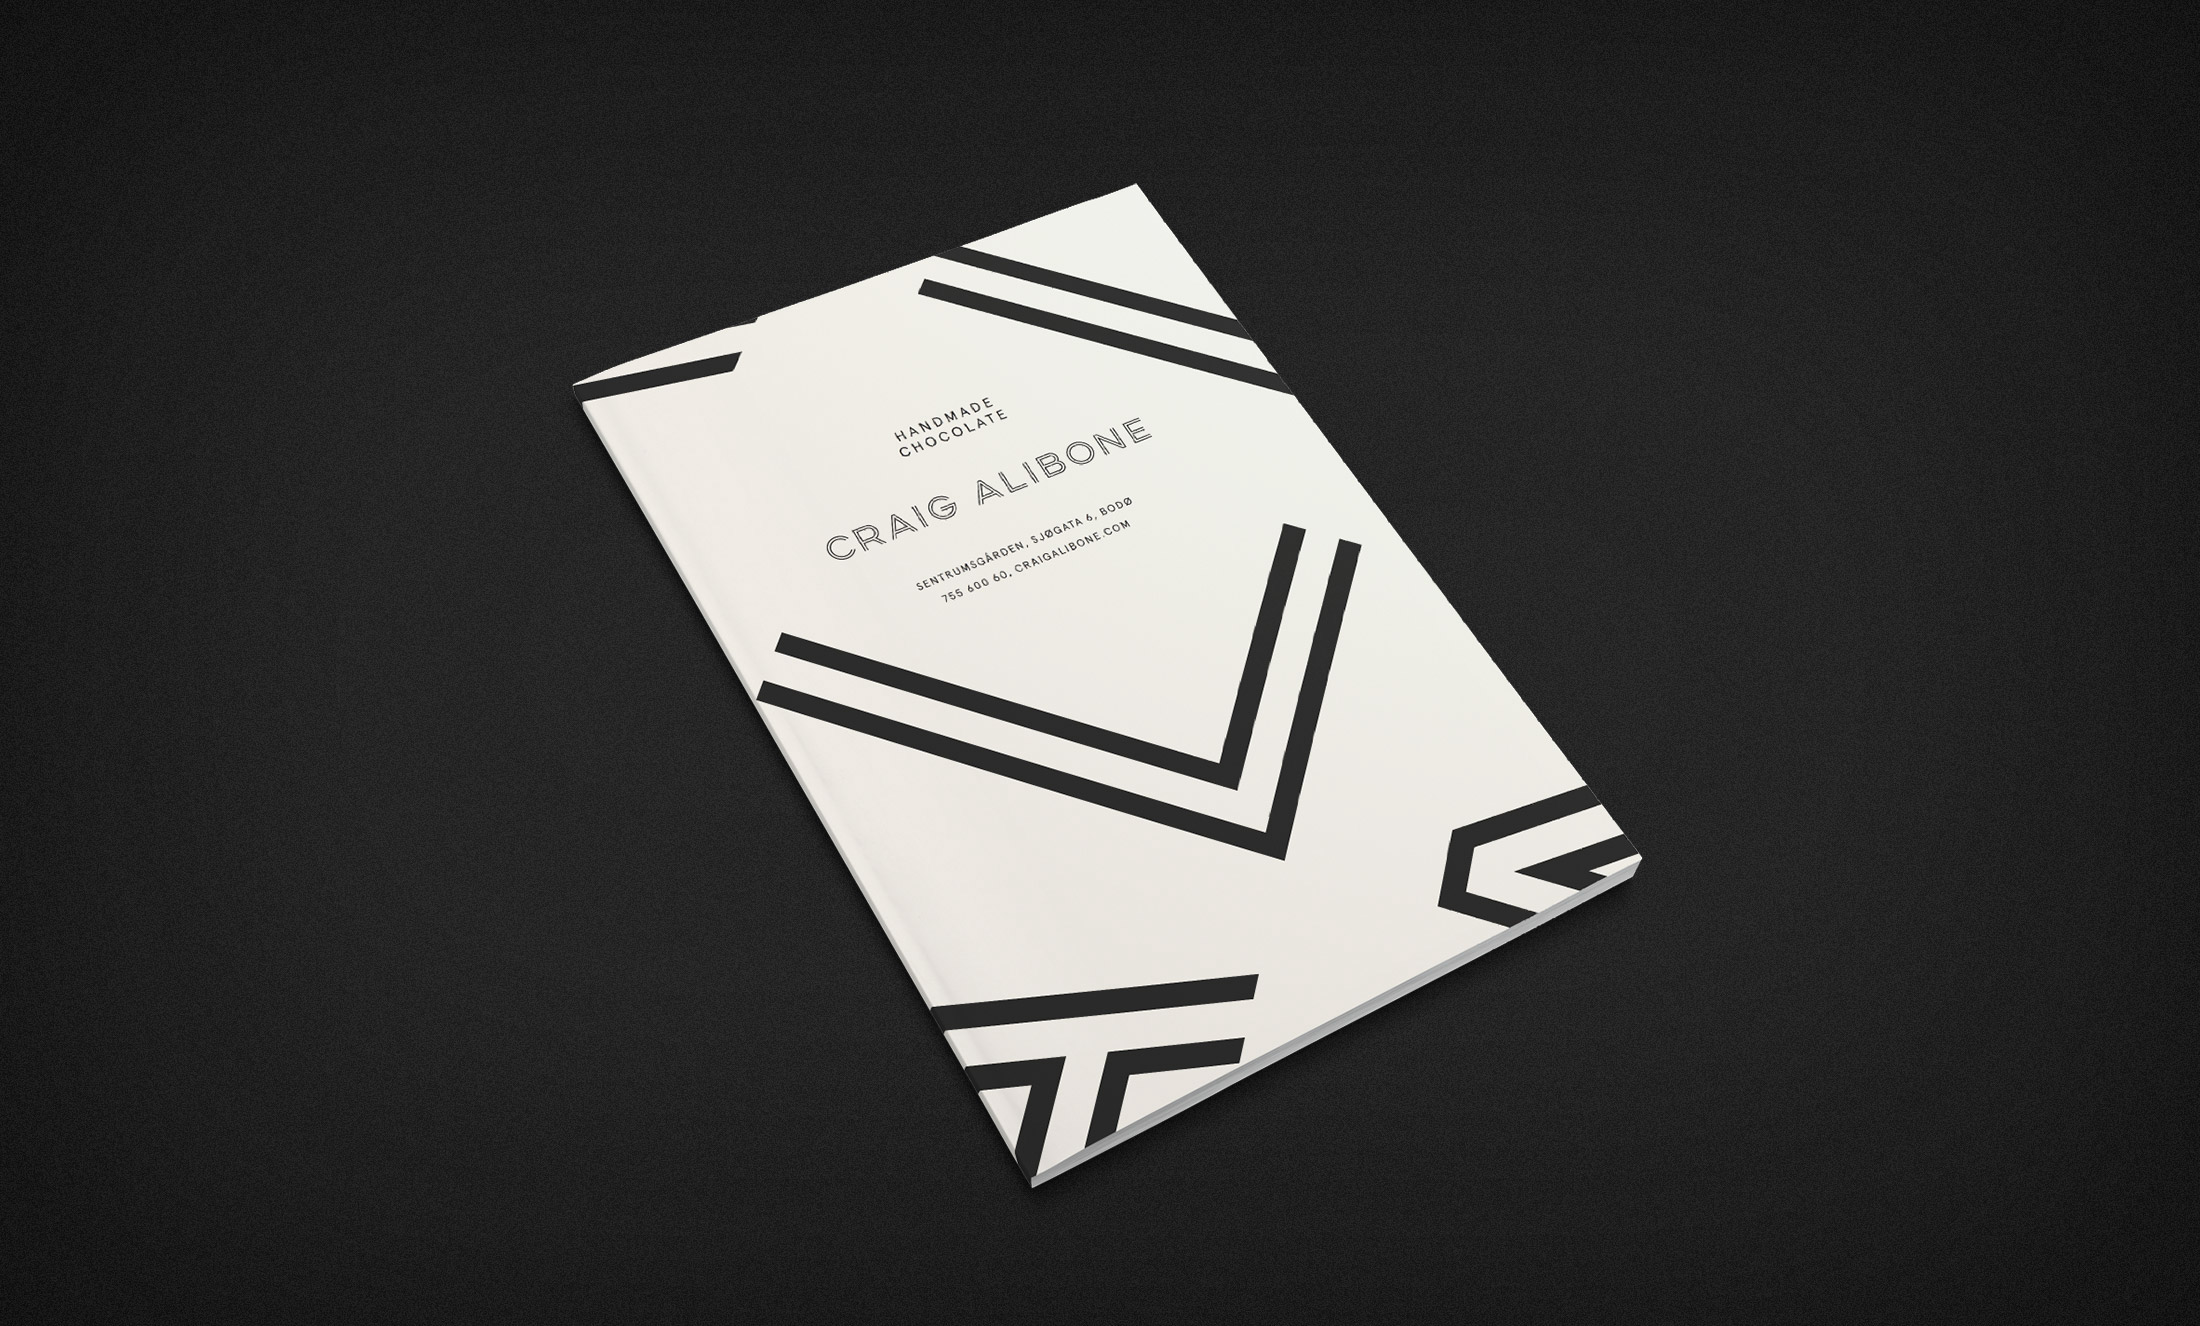 Craig Alibone Chocolate 品牌推广插图(8)